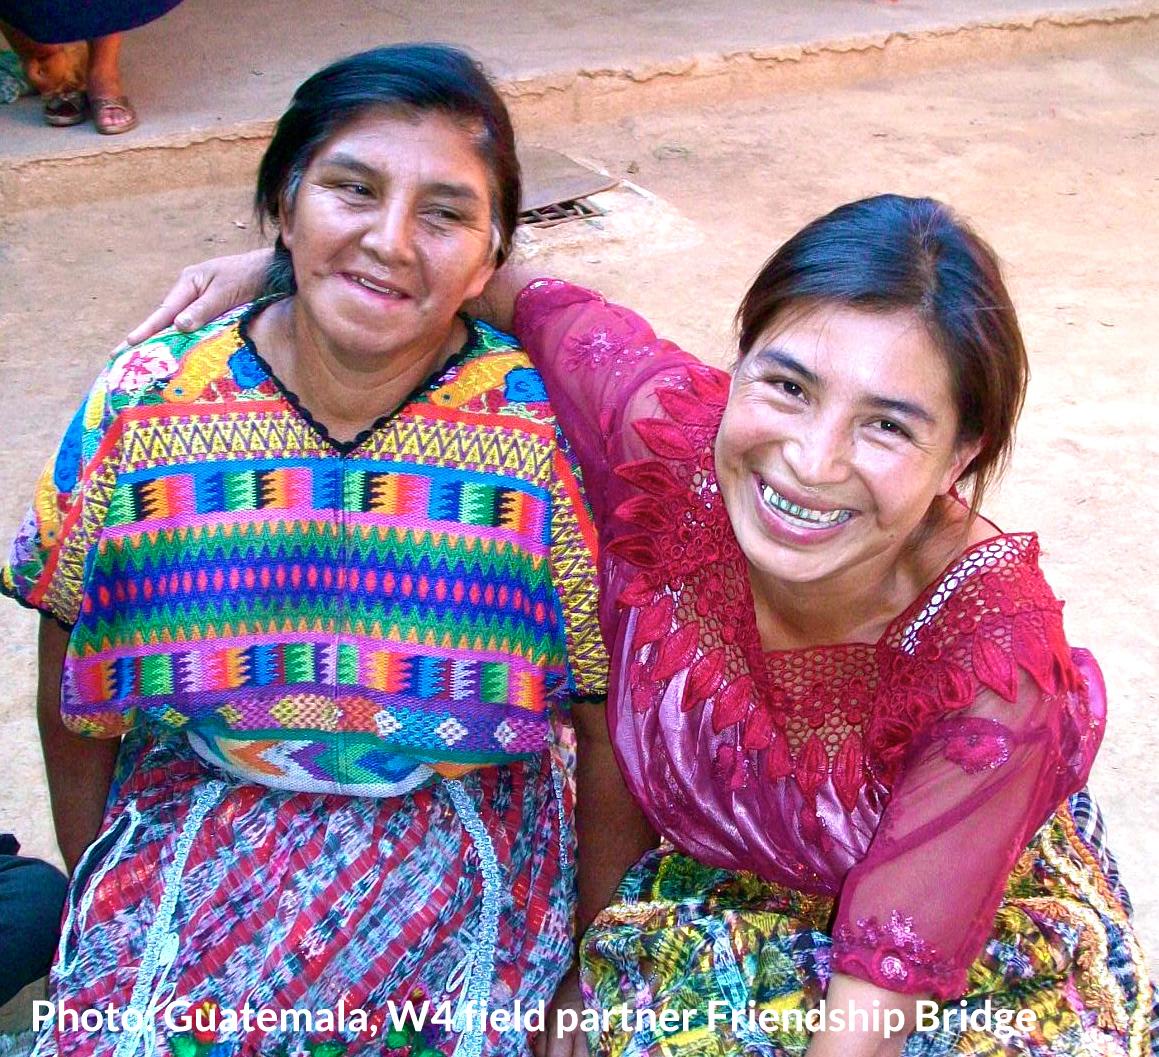 Two rural women in Guatemala